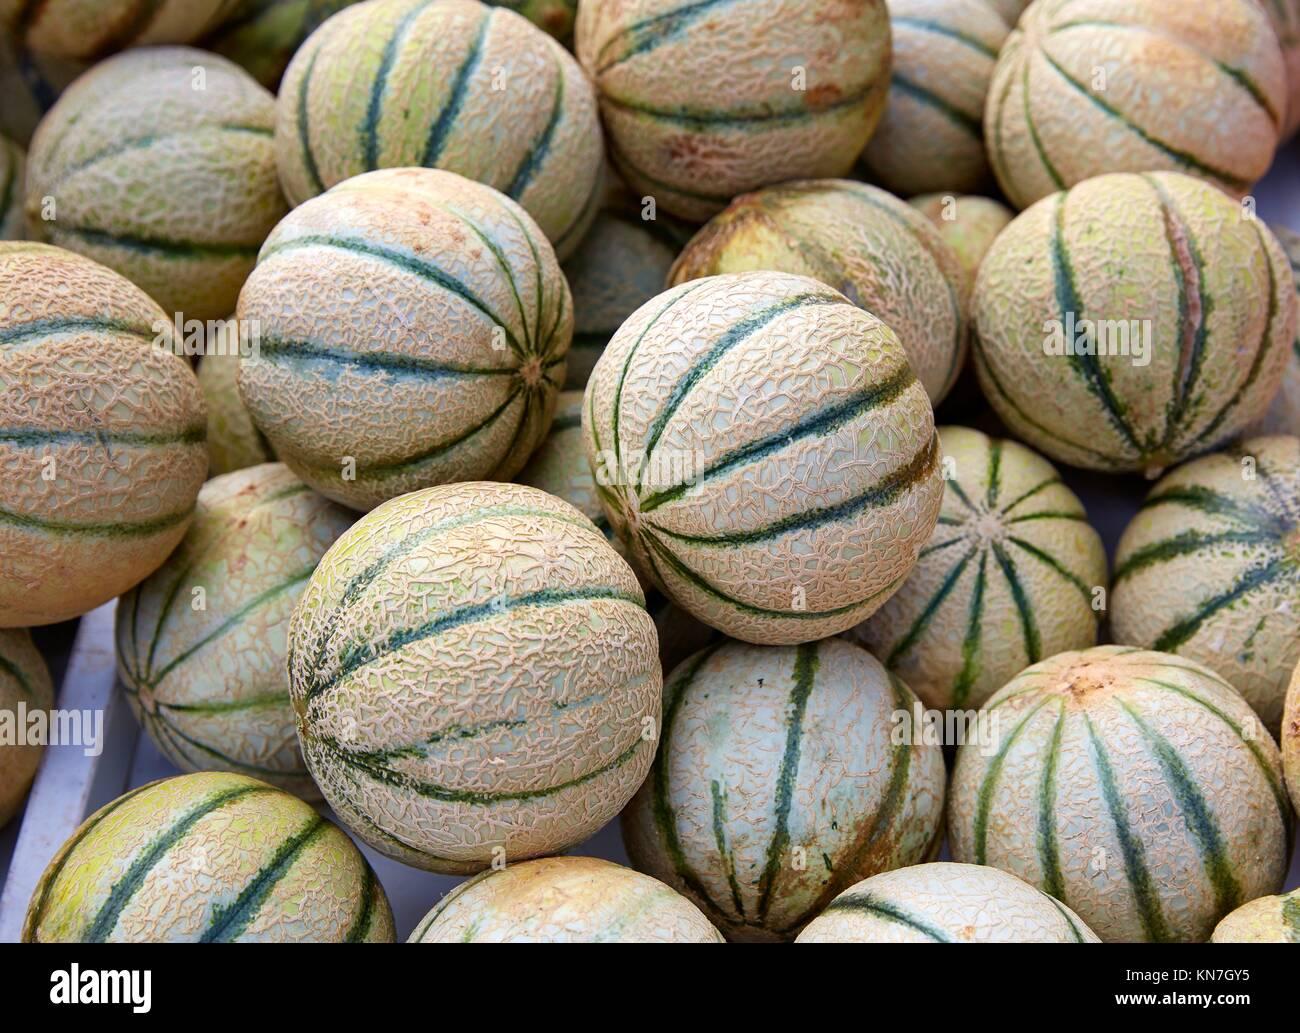 Melón Cantaloupe apilados en el marketplace. Imagen De Stock